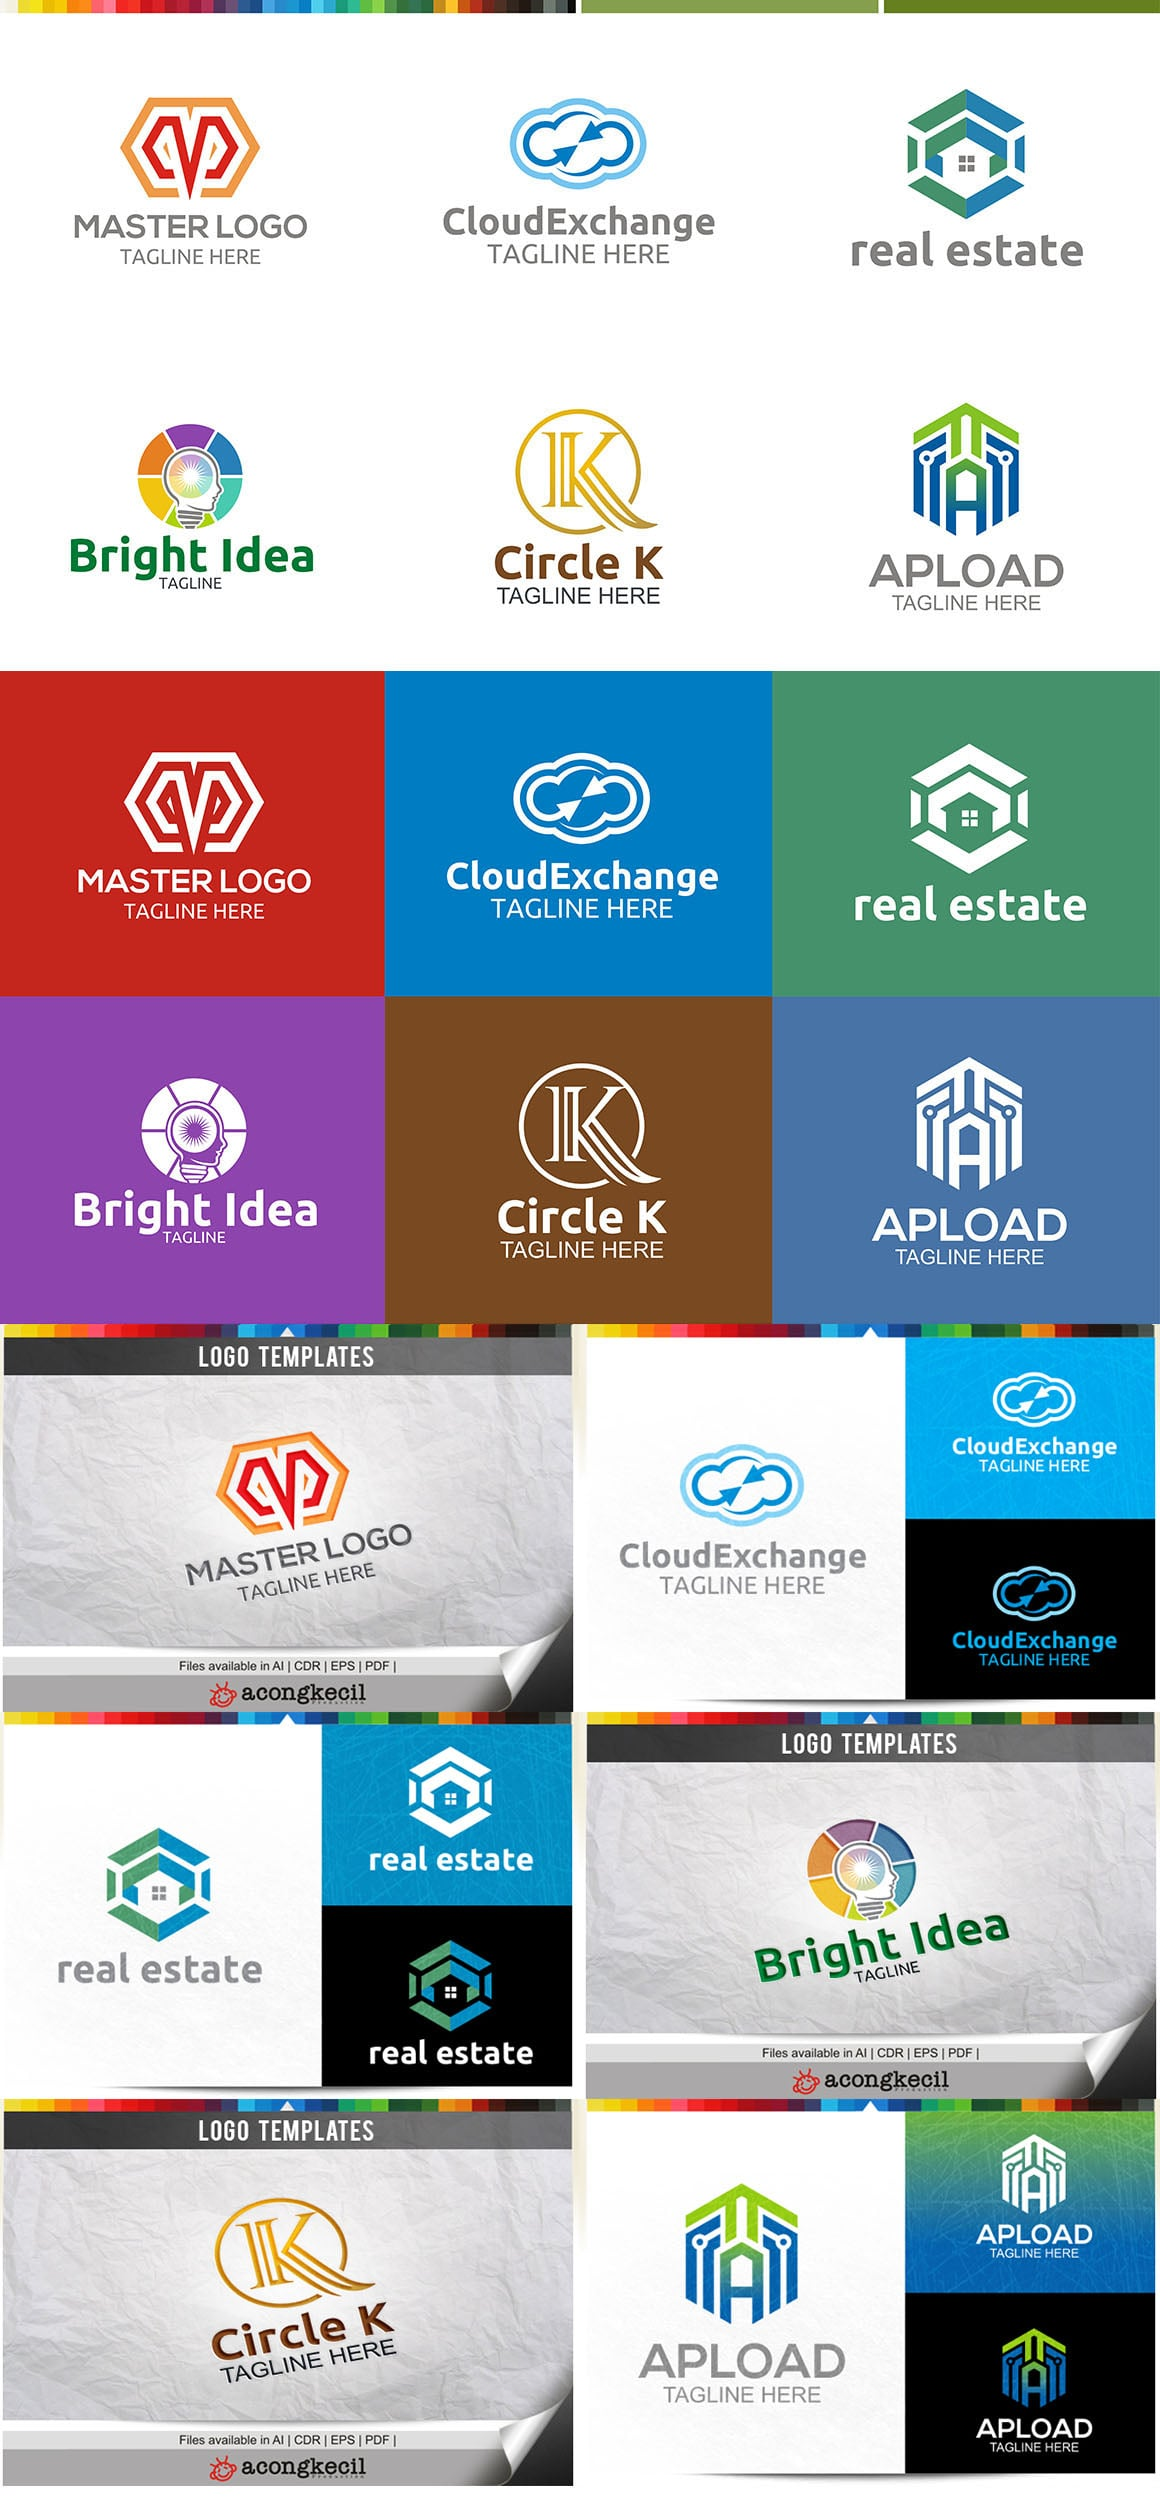 446 Business Logo Bundle - 99%+ OFF - Bundle 17 Preview5A